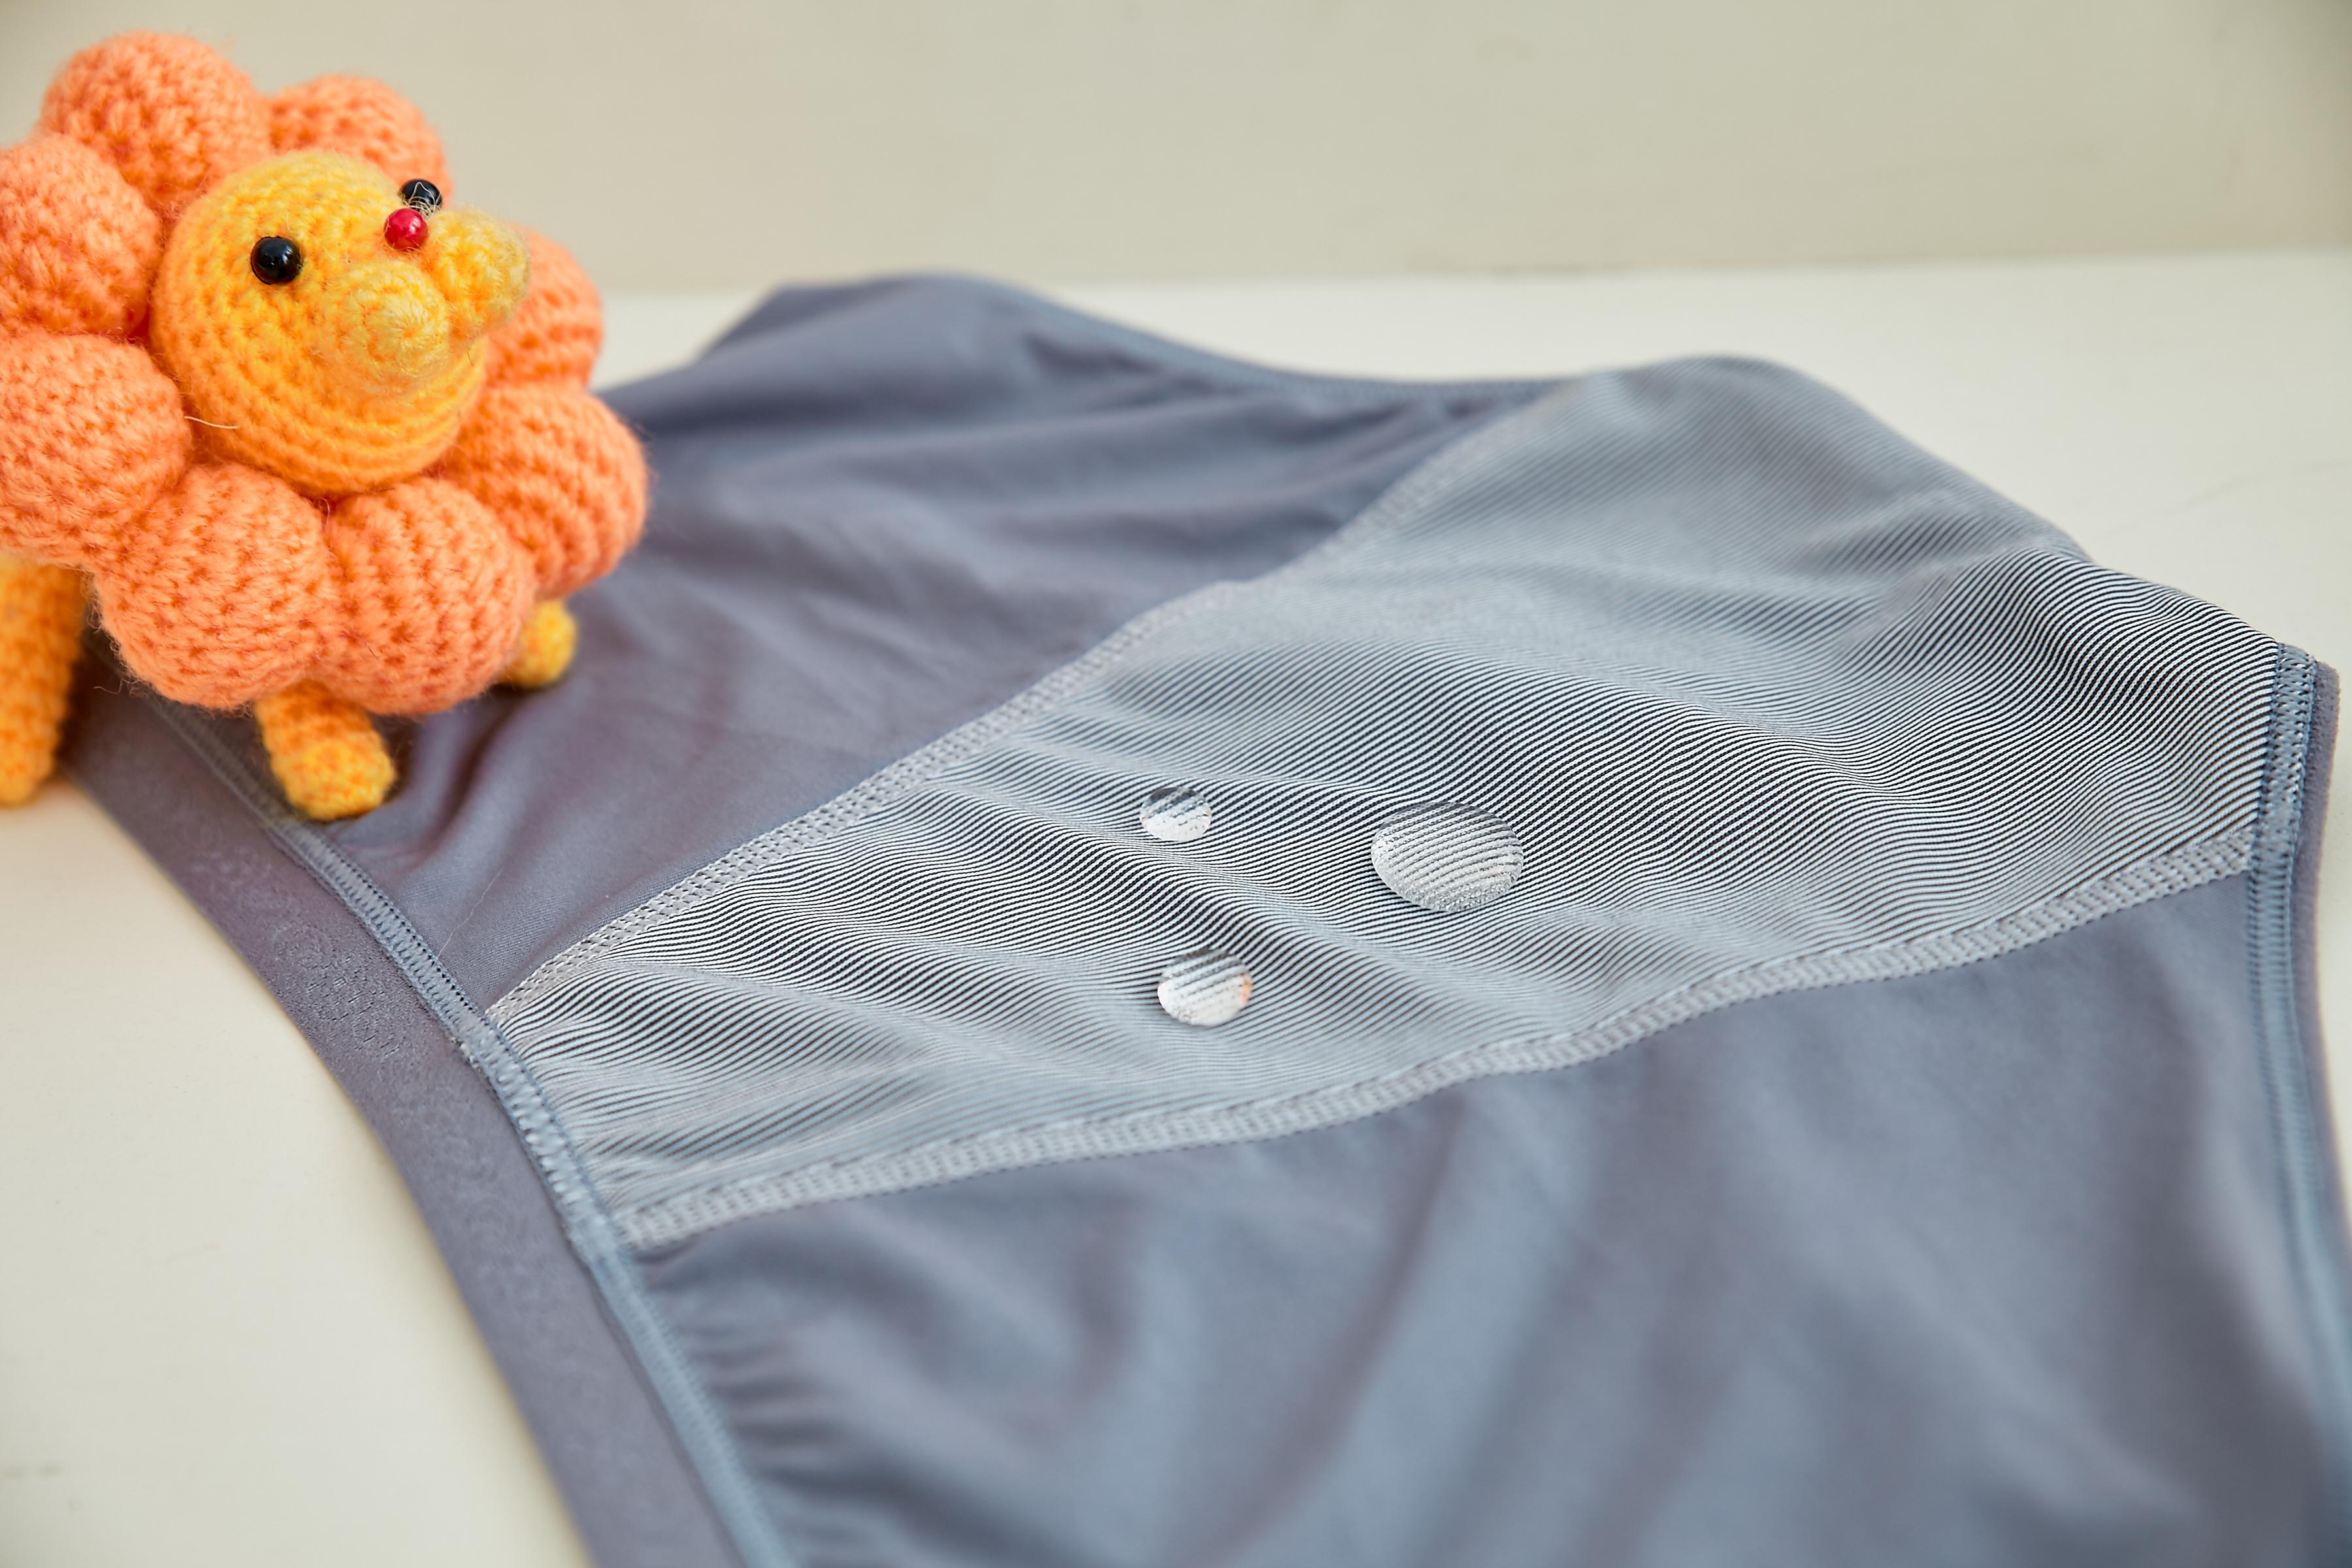 [內褲小學堂]生理期該穿生理褲理由是?帶您認識生理褲的好處有哪些!